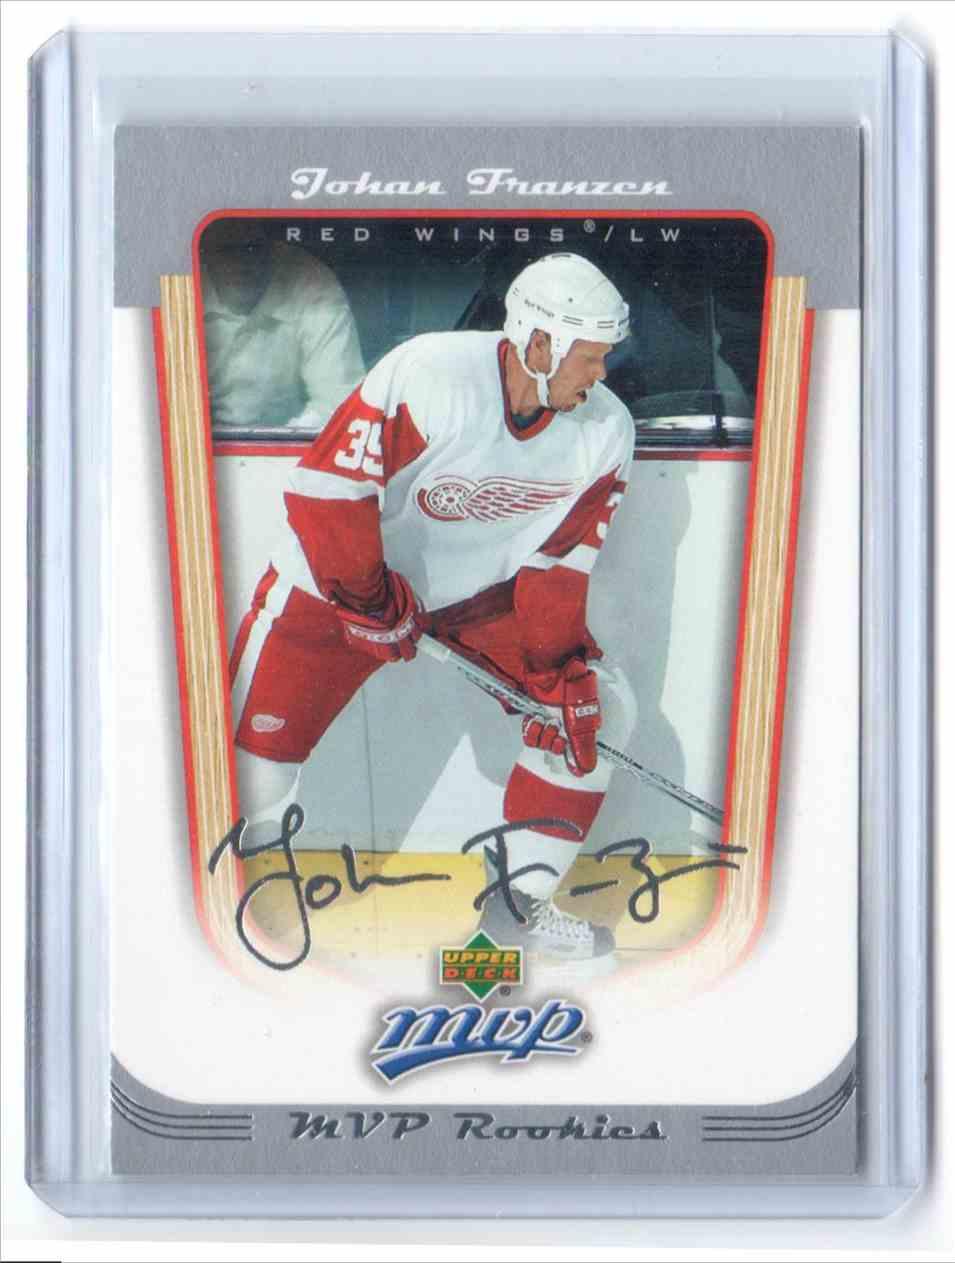 2005-06 Upper Deck MVP Johan Franzen #421 card front image